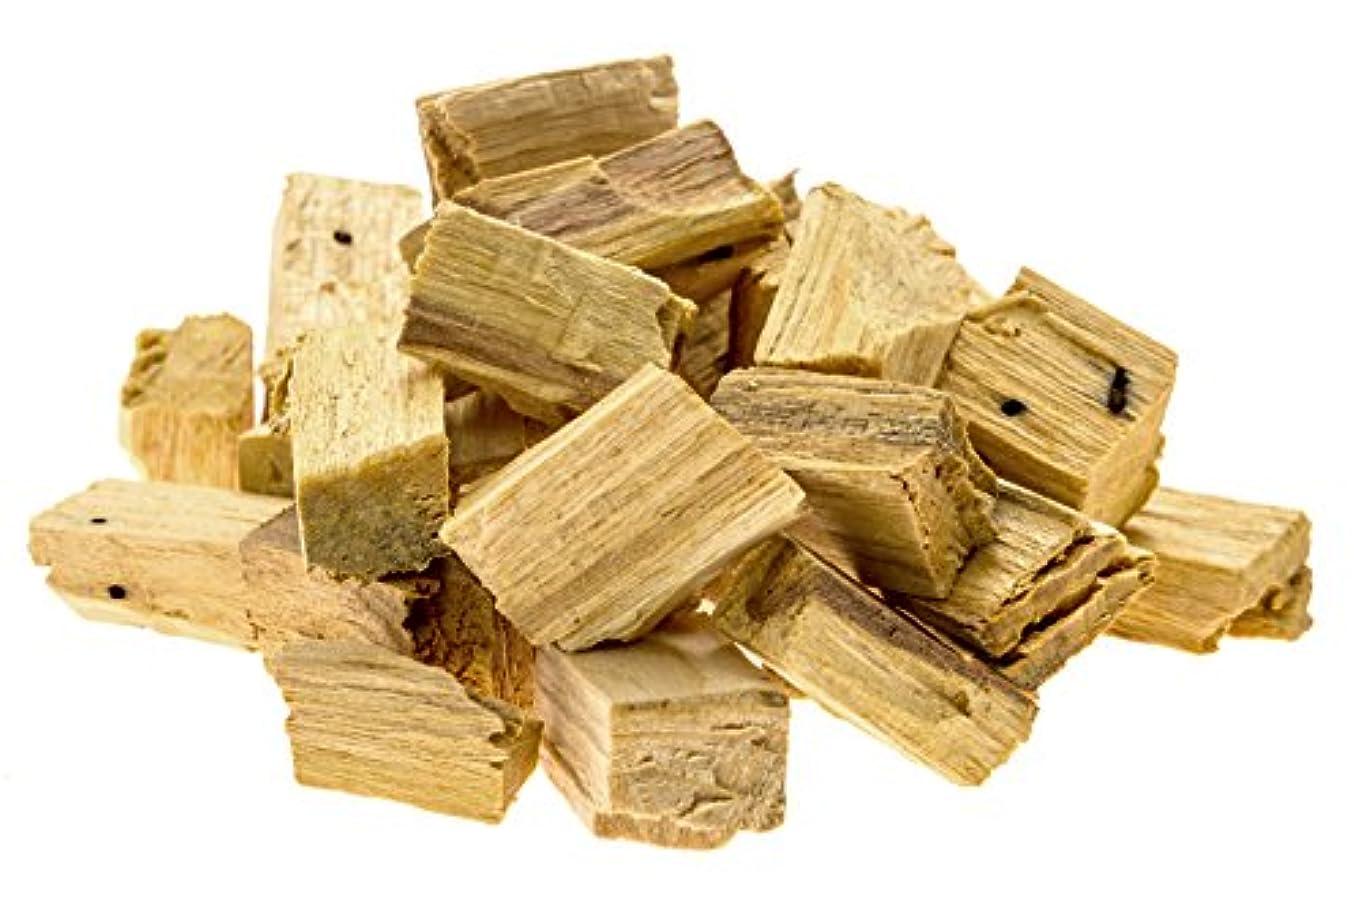 成長するプラスチック豊かなプレミアムPalo Santo Holy Wood Incenseチップ、for purifying、クレンジング、ヒーリング、瞑想、Stress Relief。100 %自然と持続可能な、野生の収穫。( 1oz )